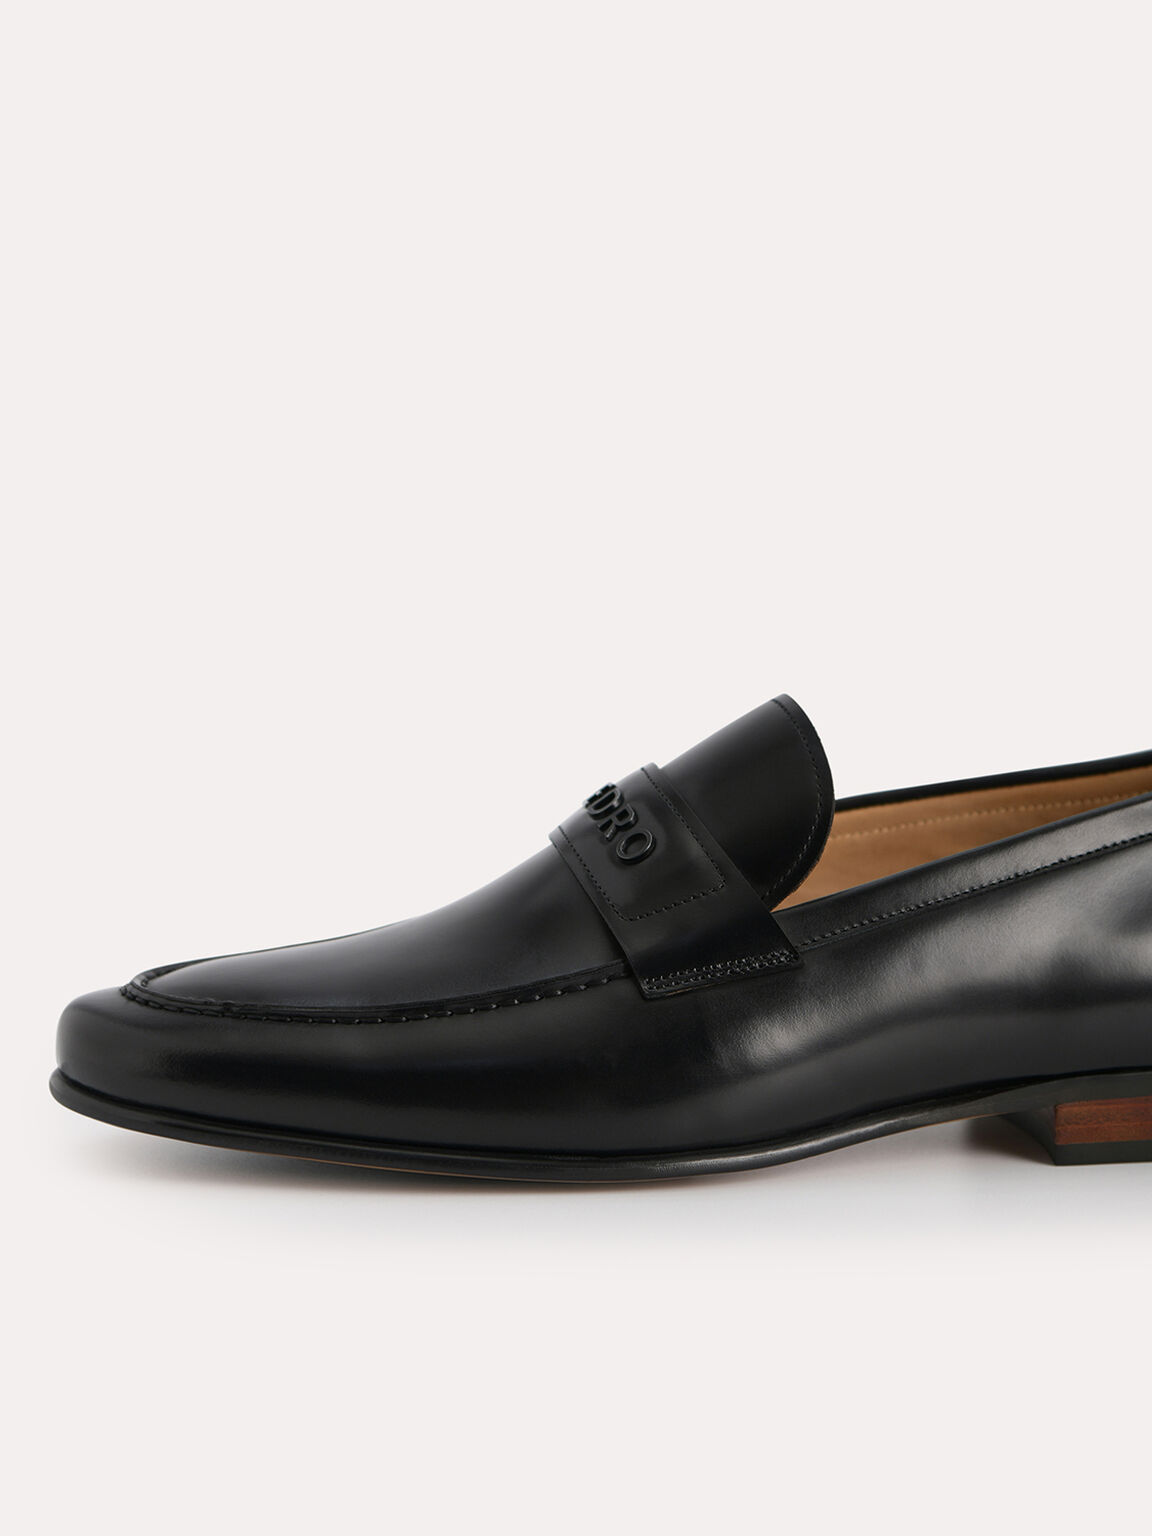 Burnished Leather Loafers, Black, hi-res